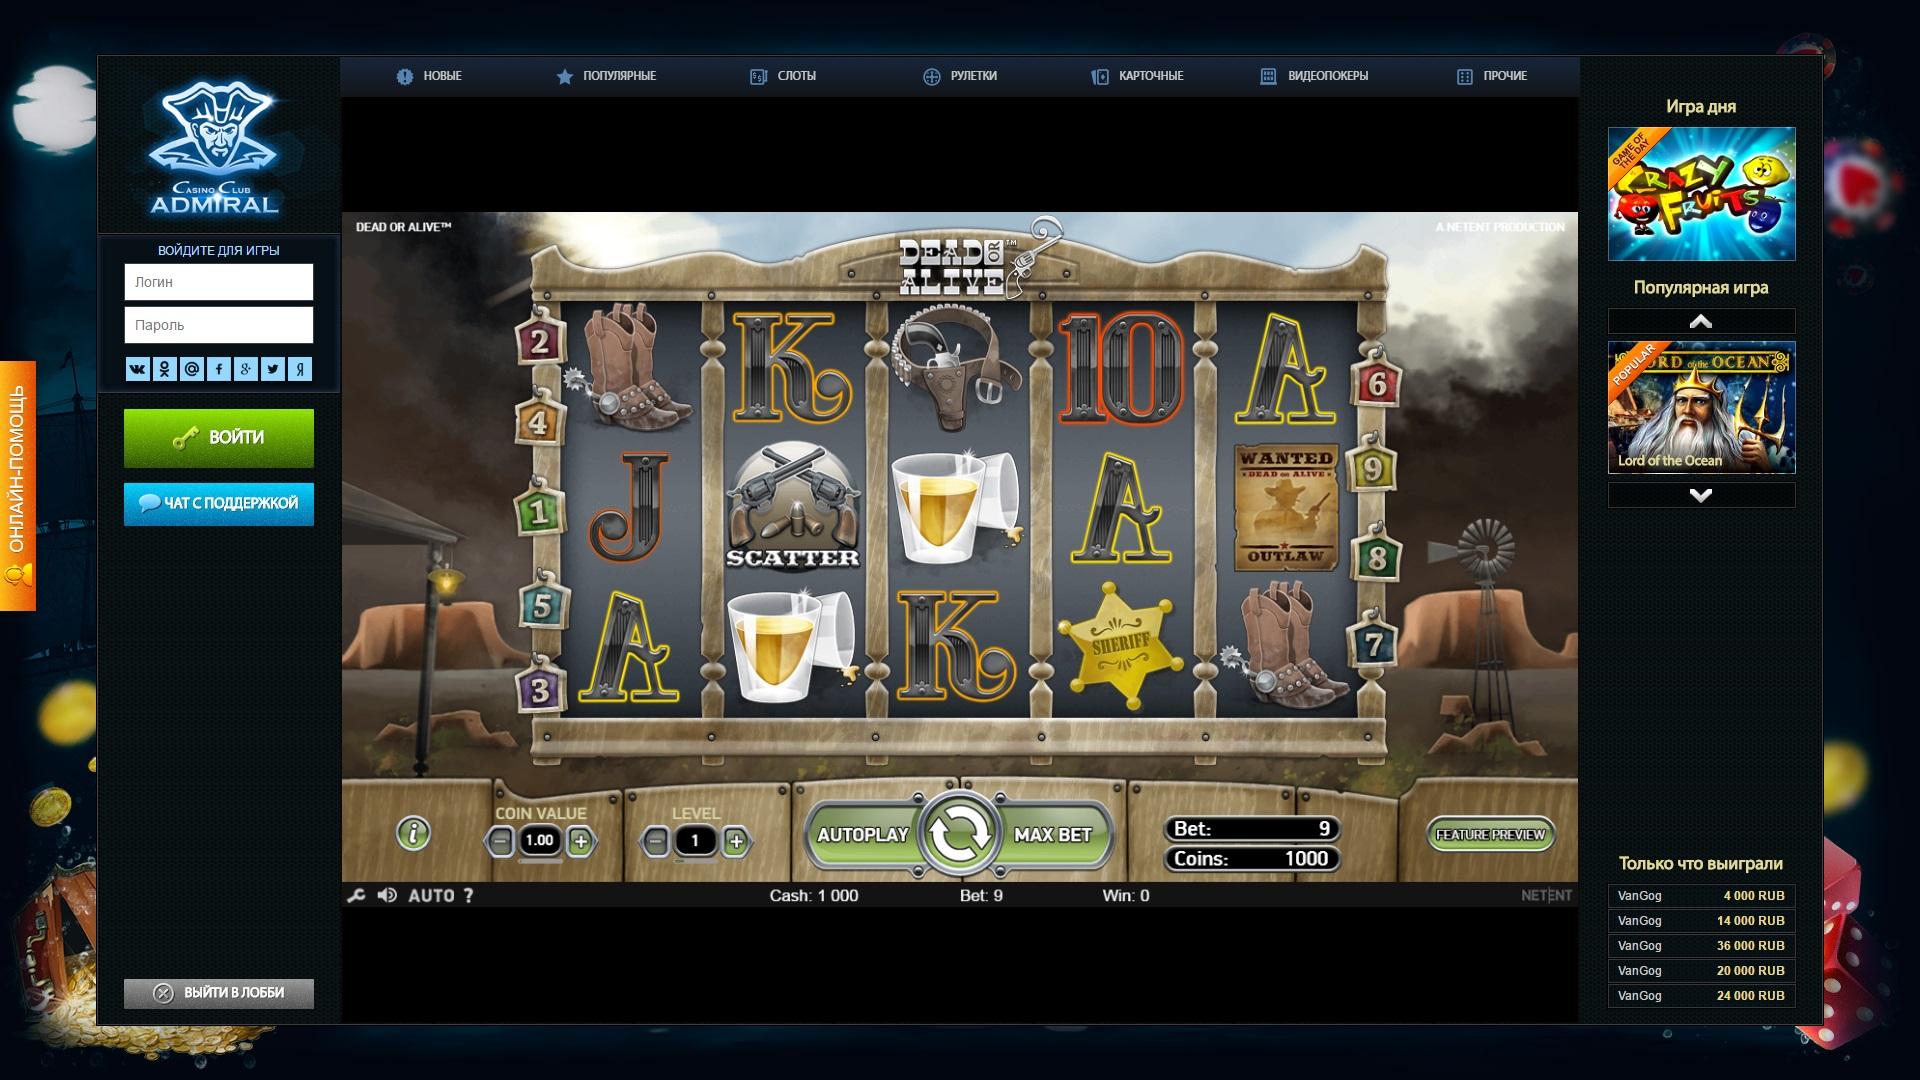 Играть в игровой автомат кавказская пленница играть бесплатно